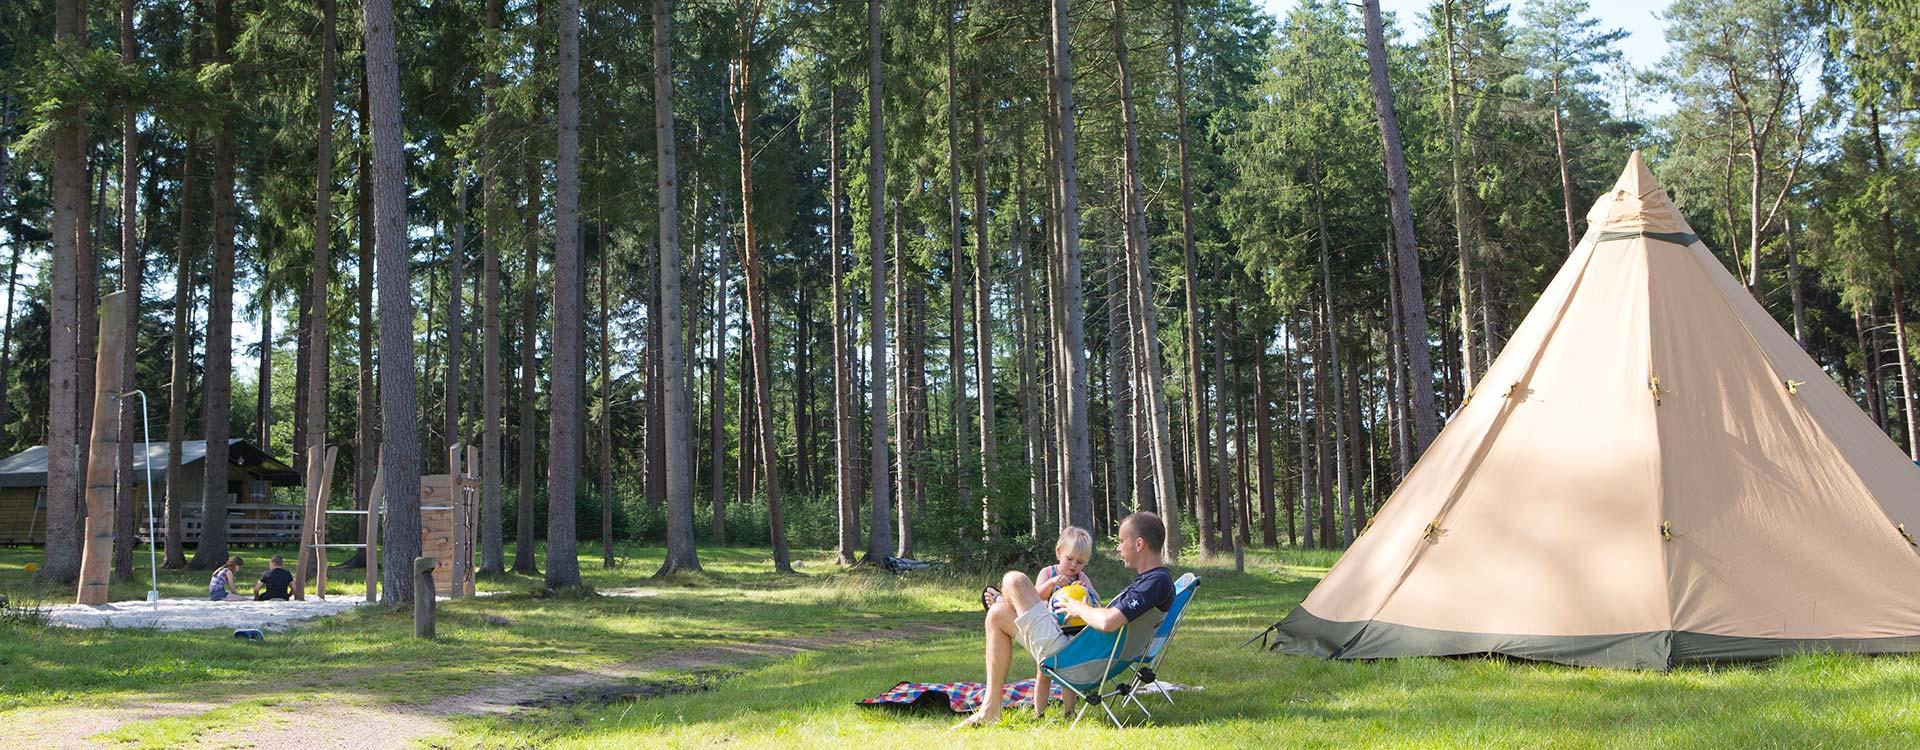 camping-in-dwingeloo-heerlijk-ultiem-kamperen-bij-torentjeshoek